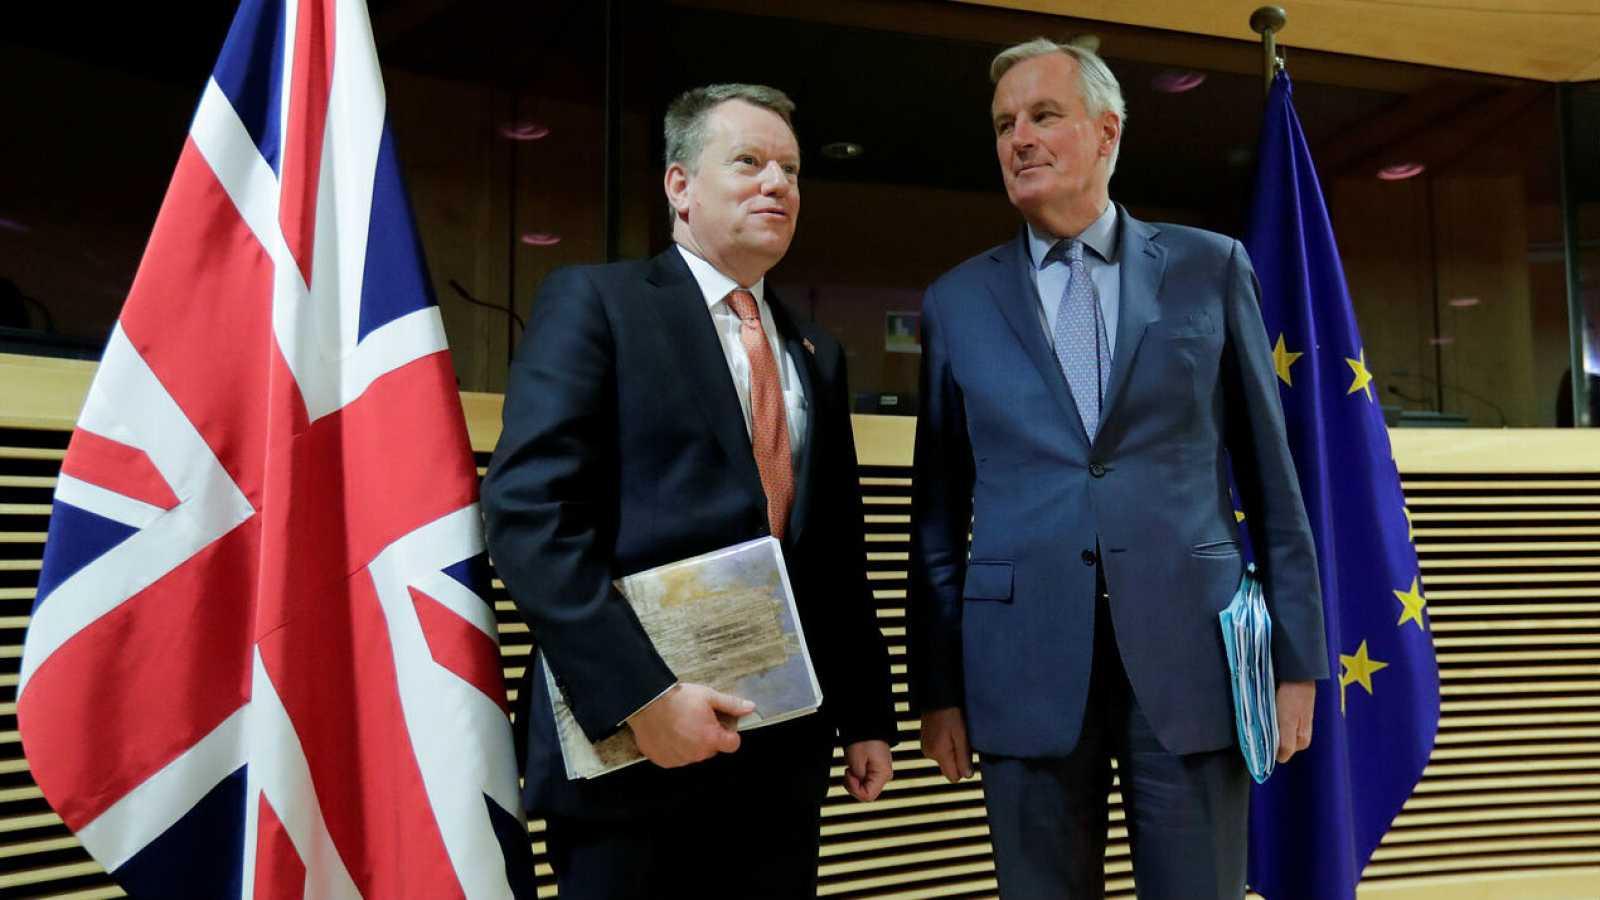 Reino Unido y la Union Europea cerca de acuerdo comercial posbrexit